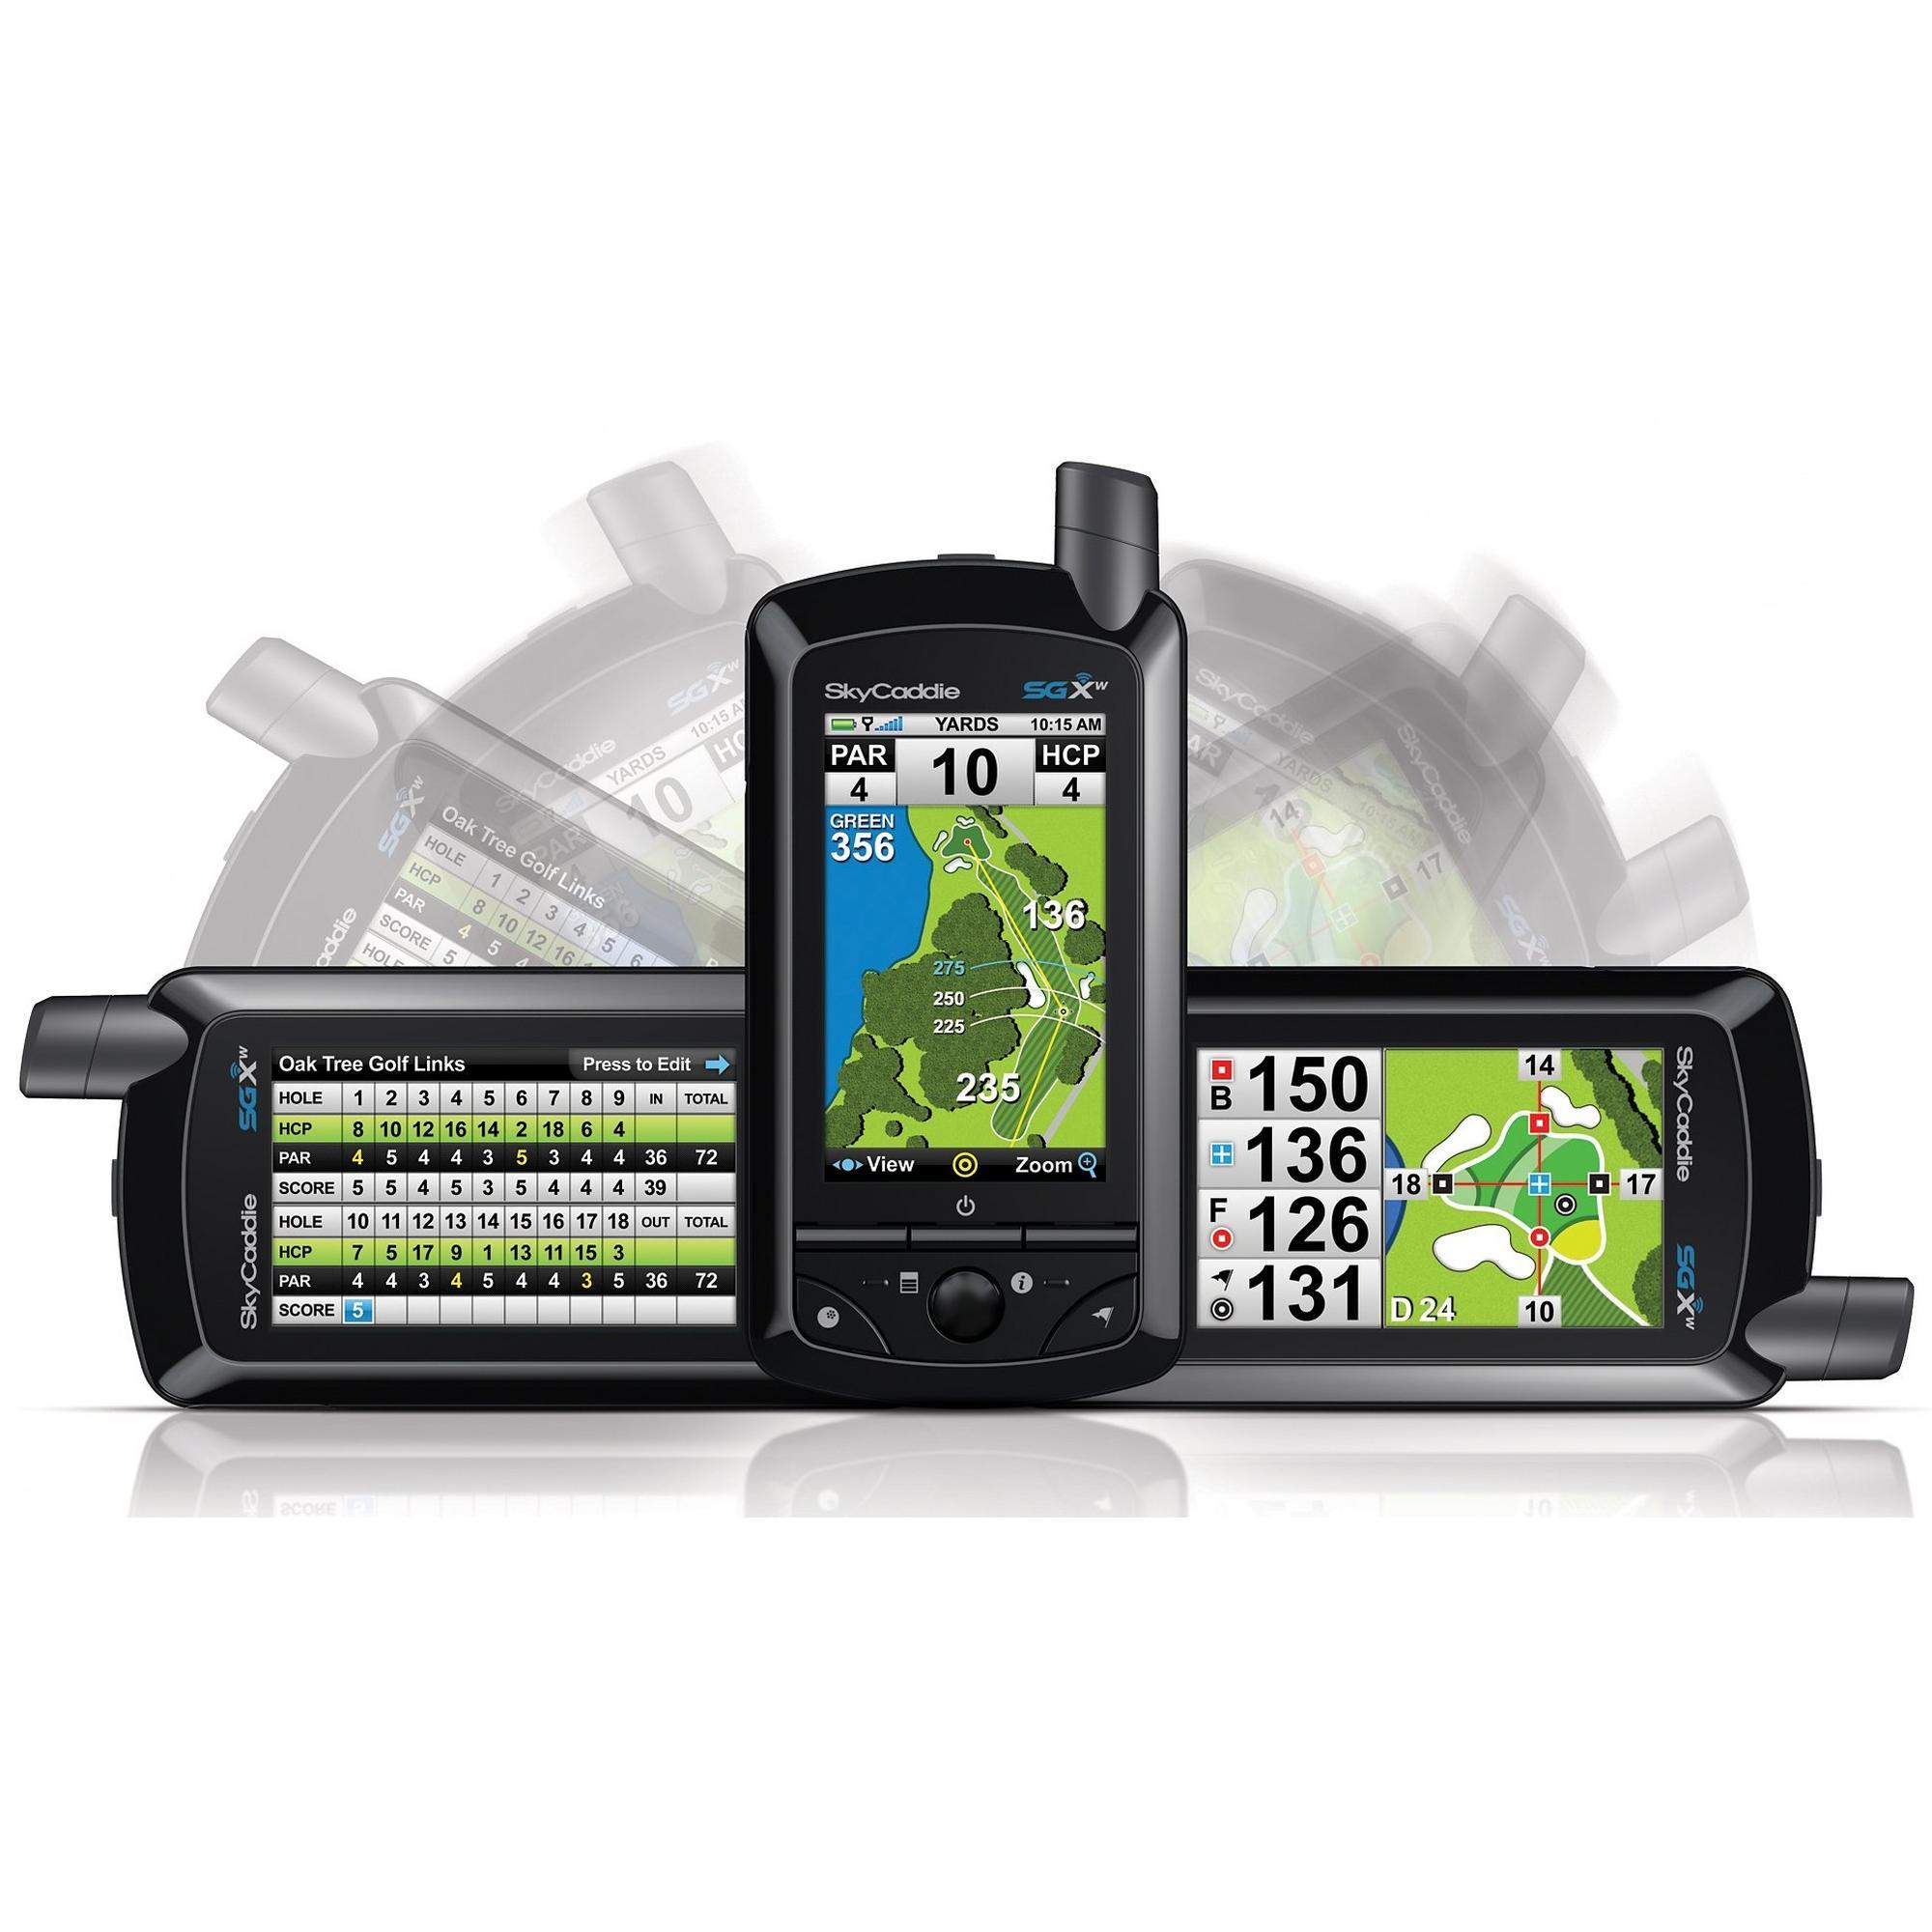 SkyCaddie SGXw GPS